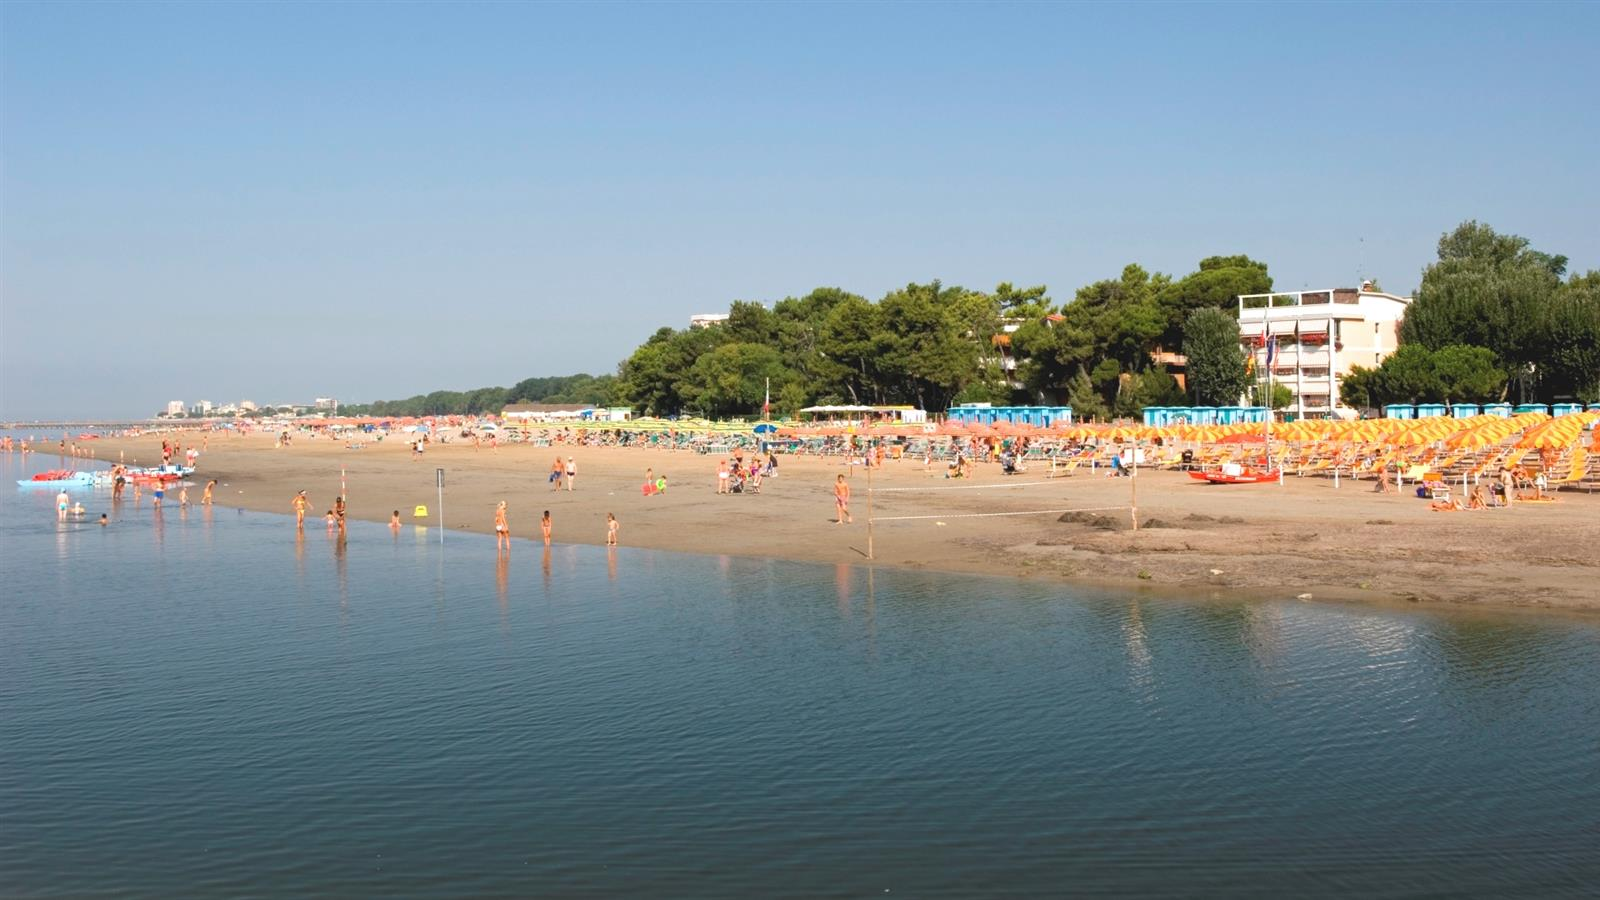 Giochi di incontri di spiaggia